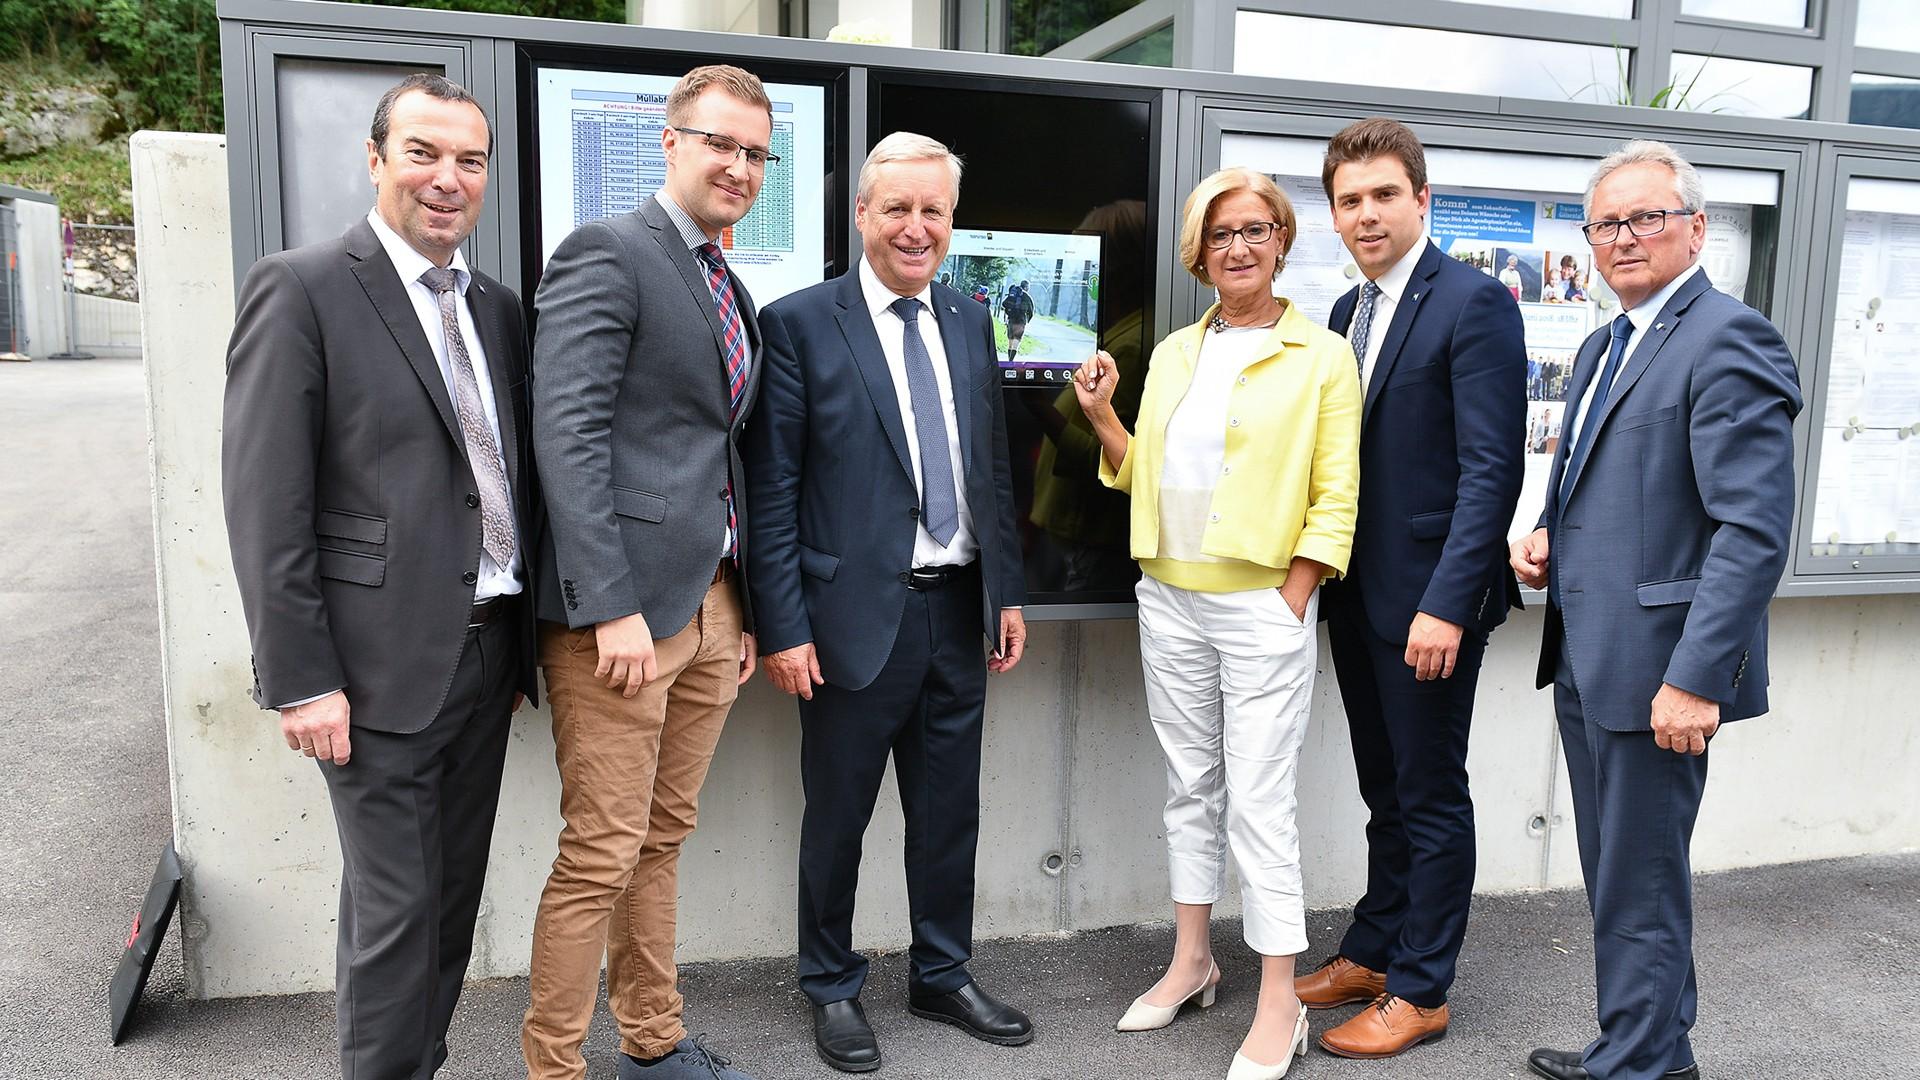 Niederösterreich, Eröffnung Rathaus Lilienfeld mit Infopoint und digitalem Schaukasten,Copyright: NLK Burchhart